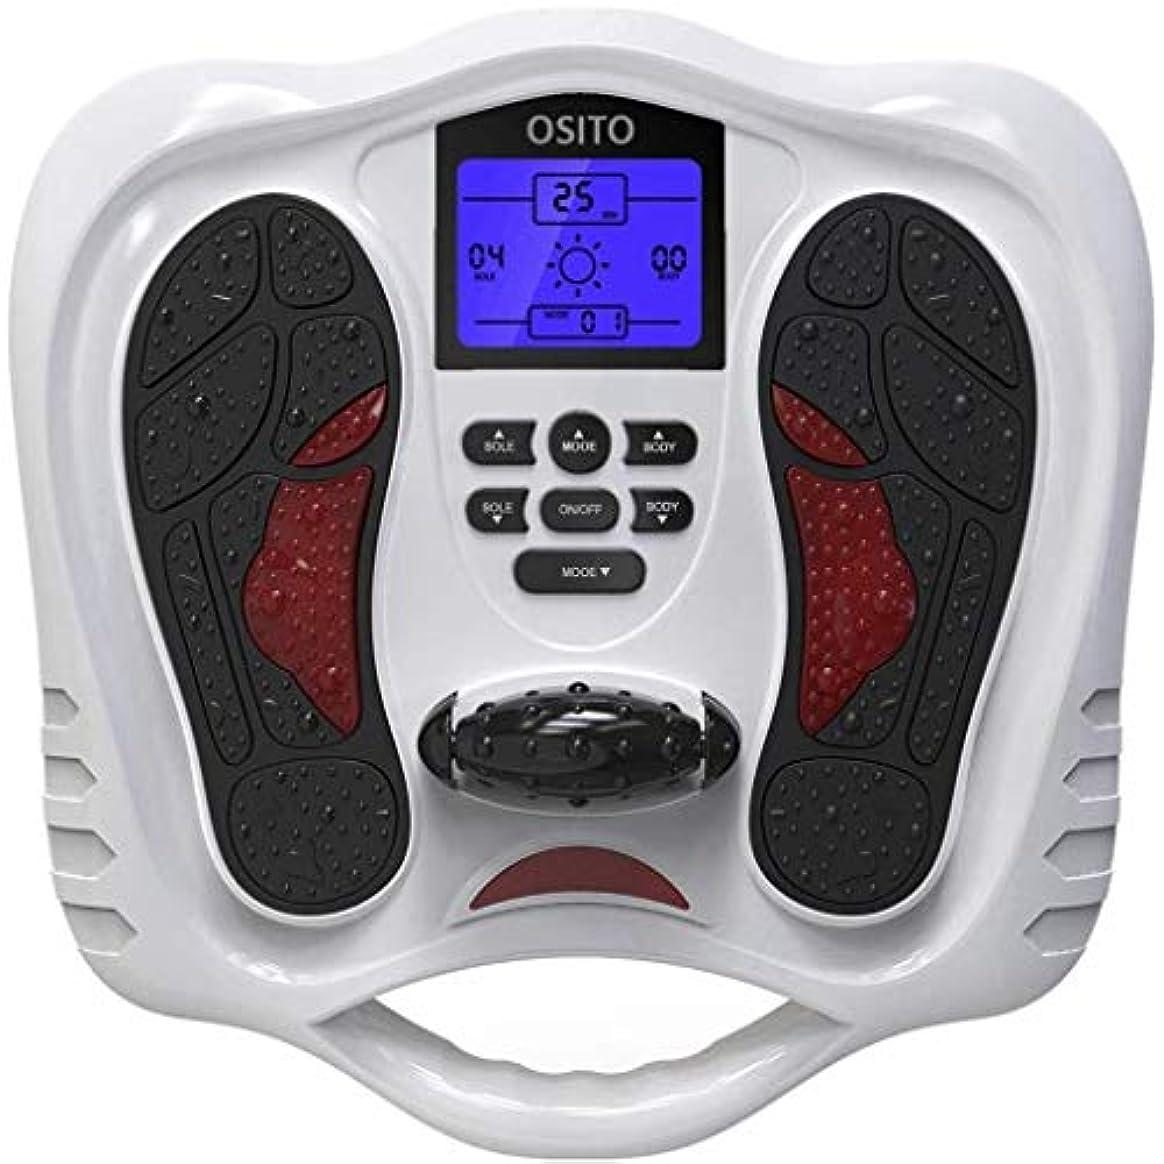 電気驚いたふつうフットマッサージャー、家庭用鍼治療用フットマッサージマシン、足と足の循環マッサージ刺激装置は、血液循環を促進し、足の痛みを和らげます